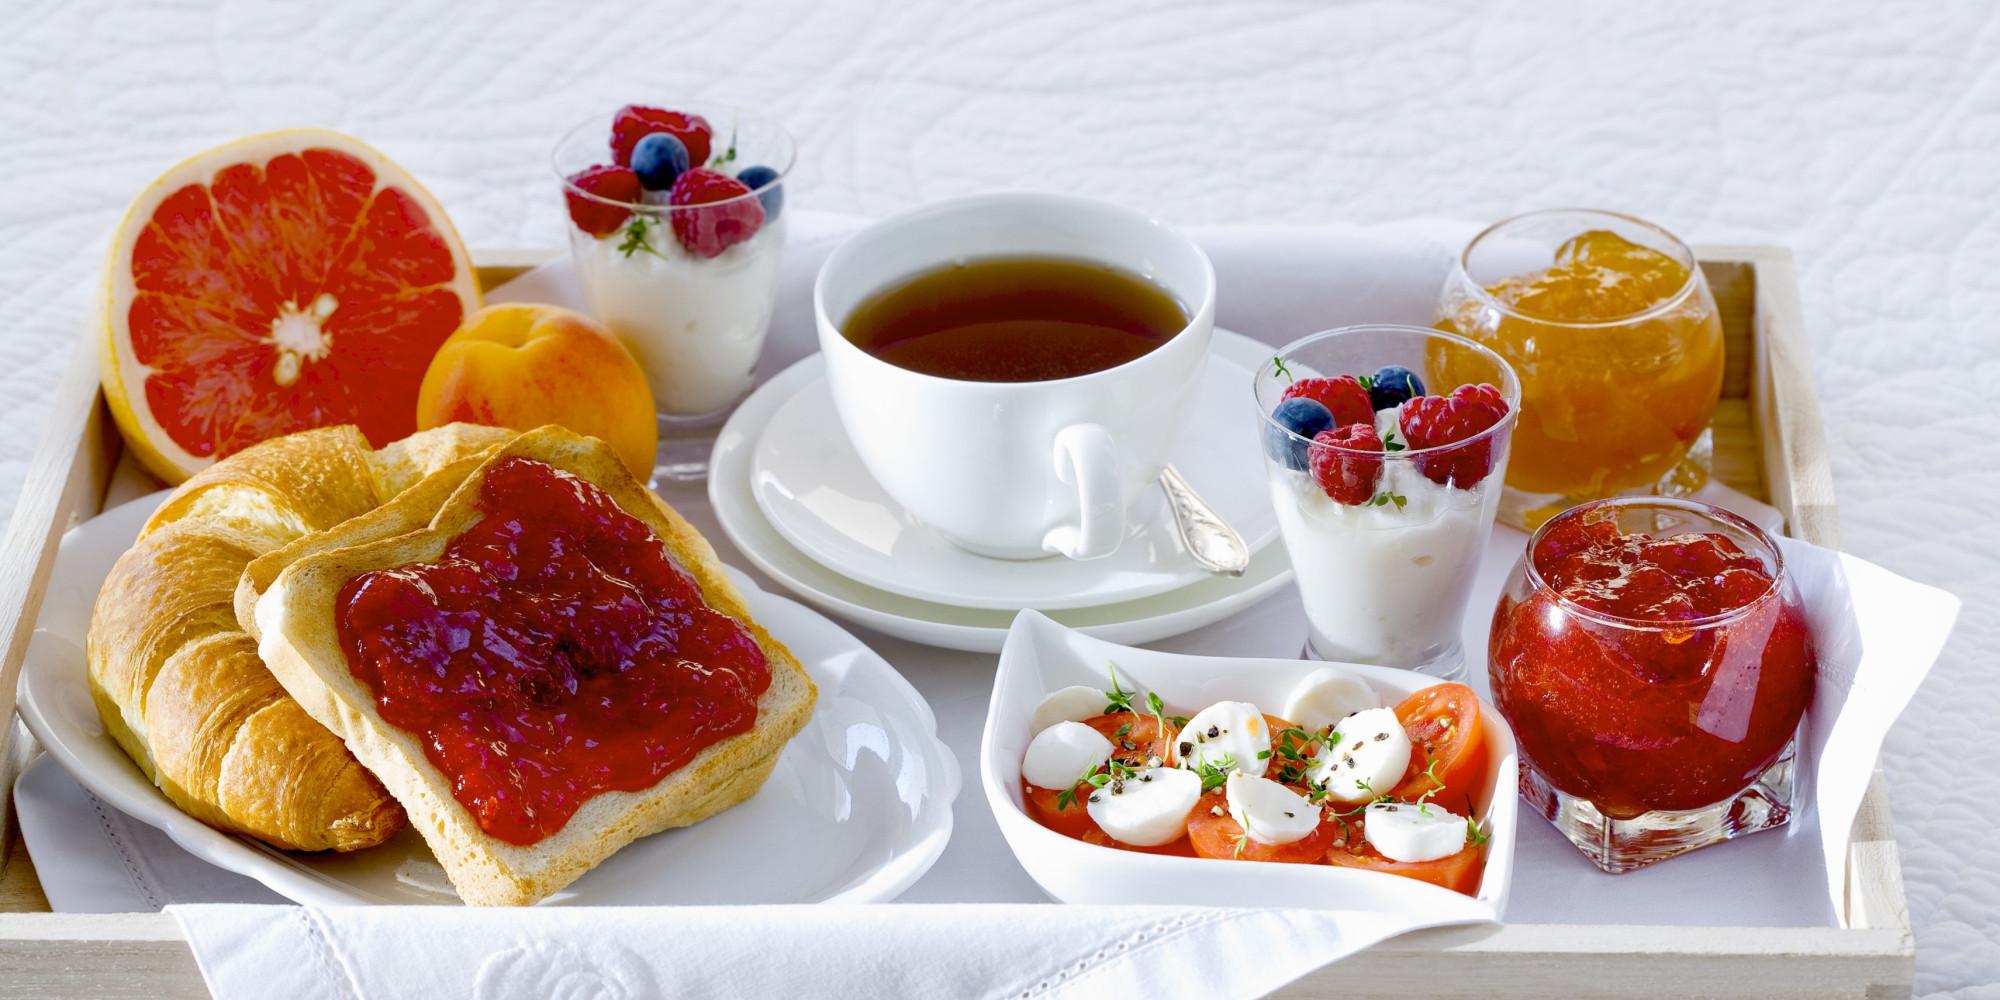 Molto ViviLight Parliamo di colazione: cosa e quanto mangiare? - ViviLight JM15